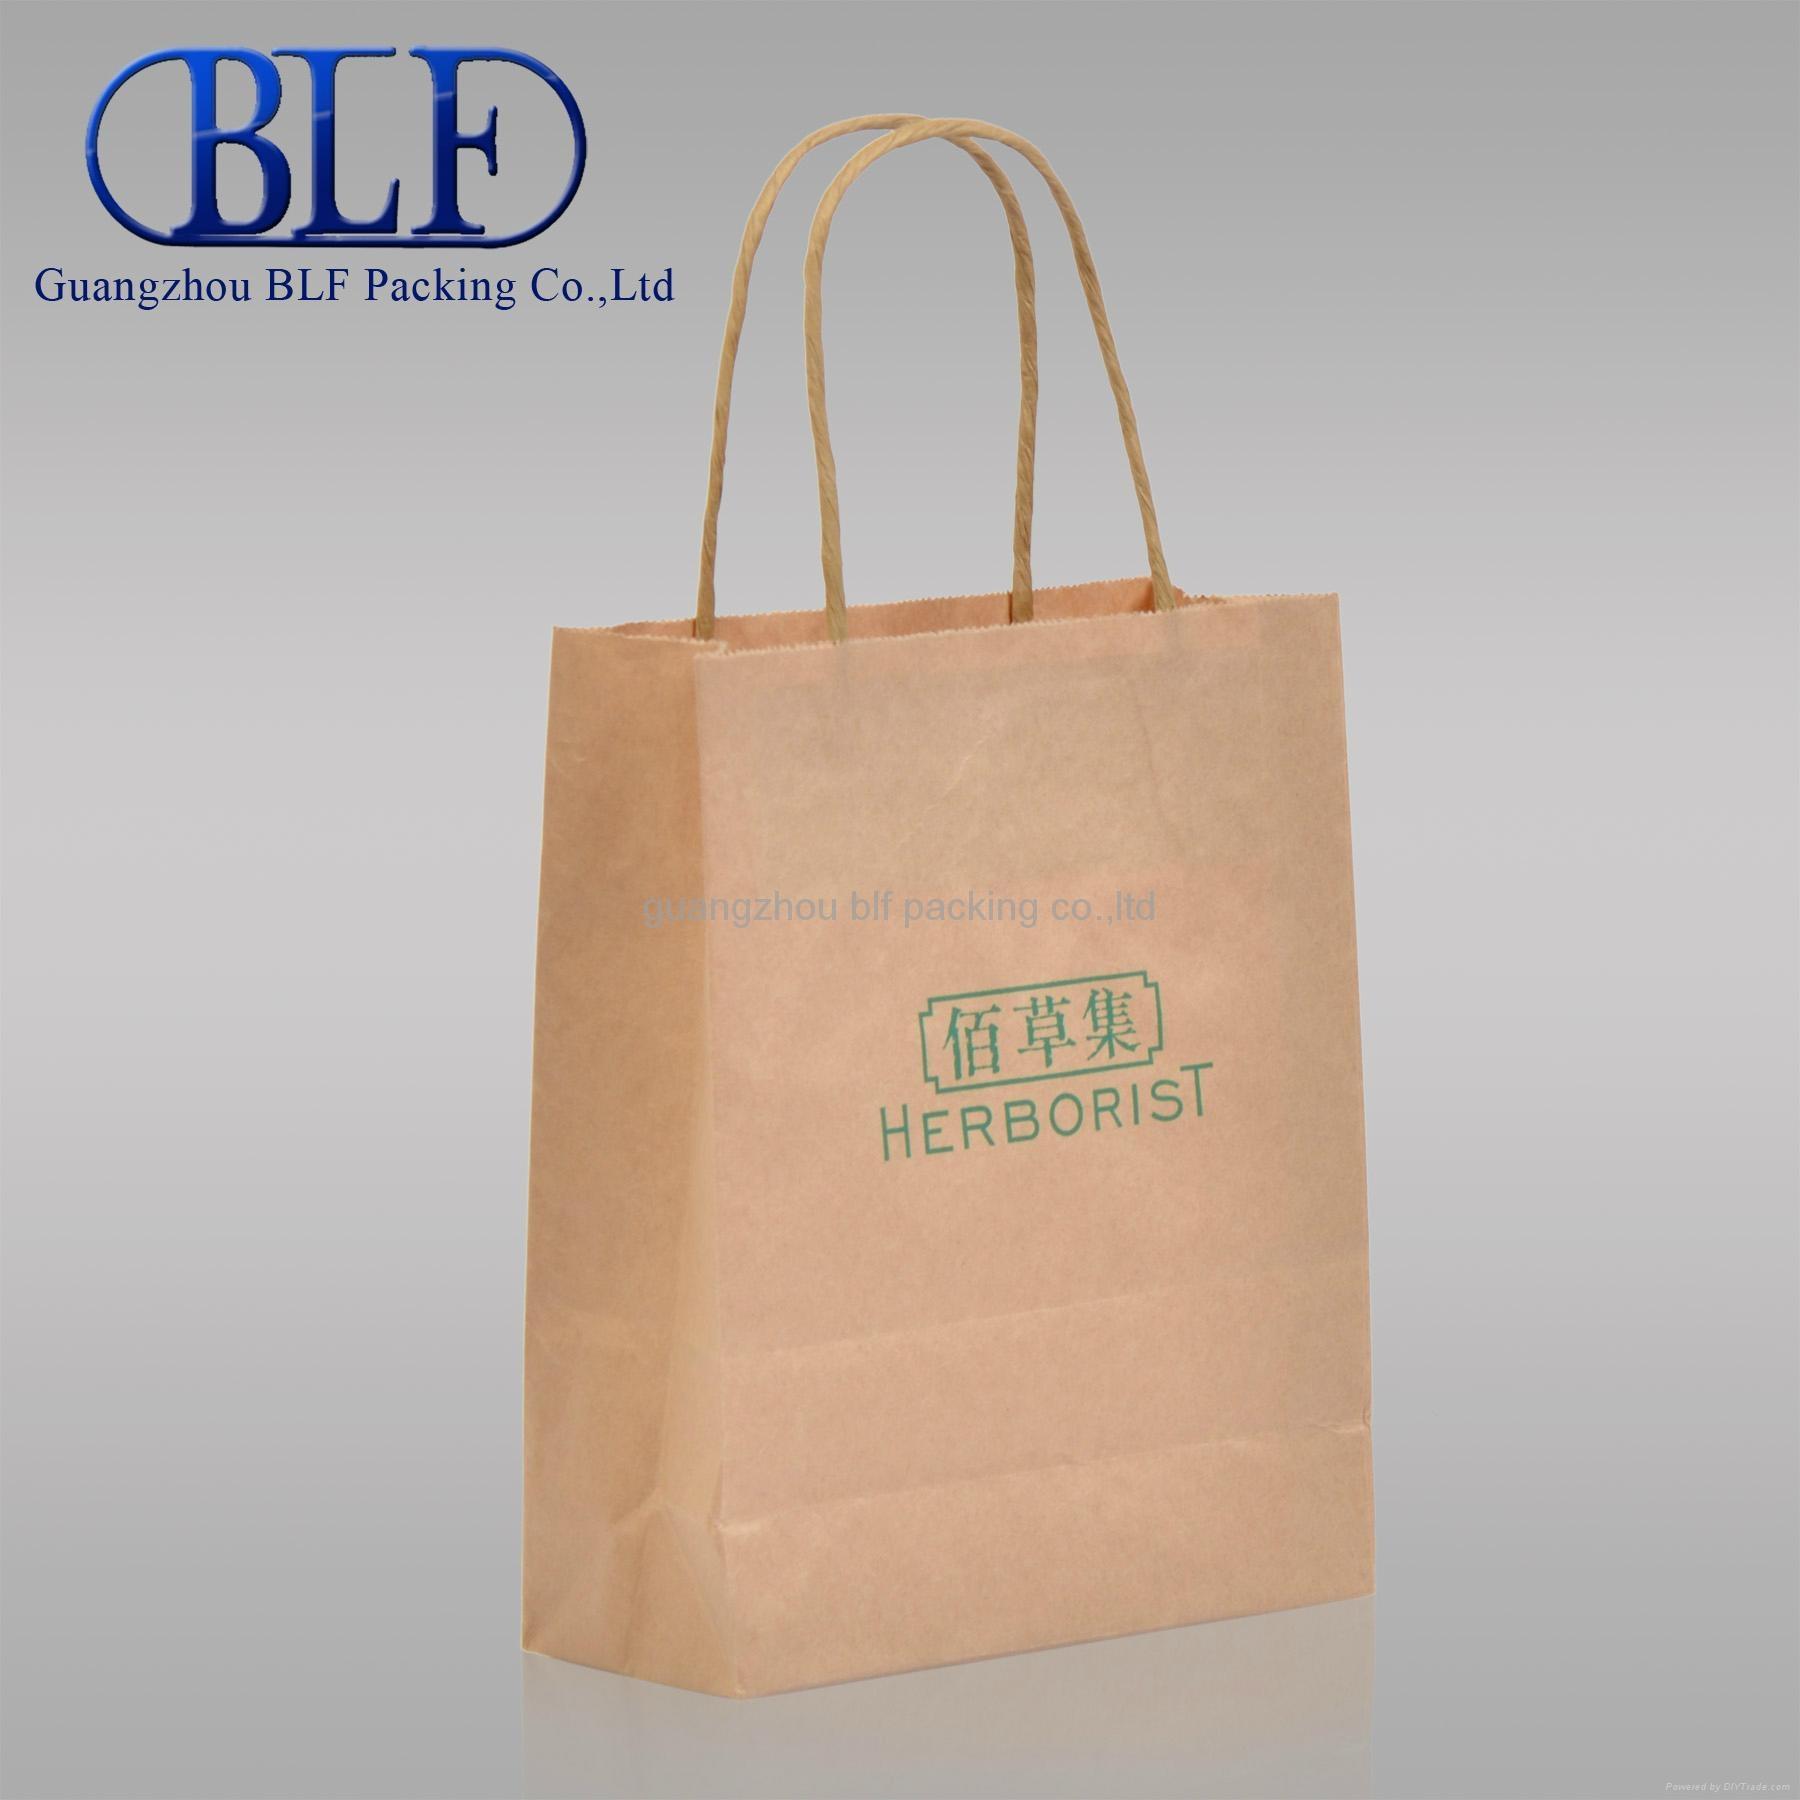 Custom printed brown paper bags